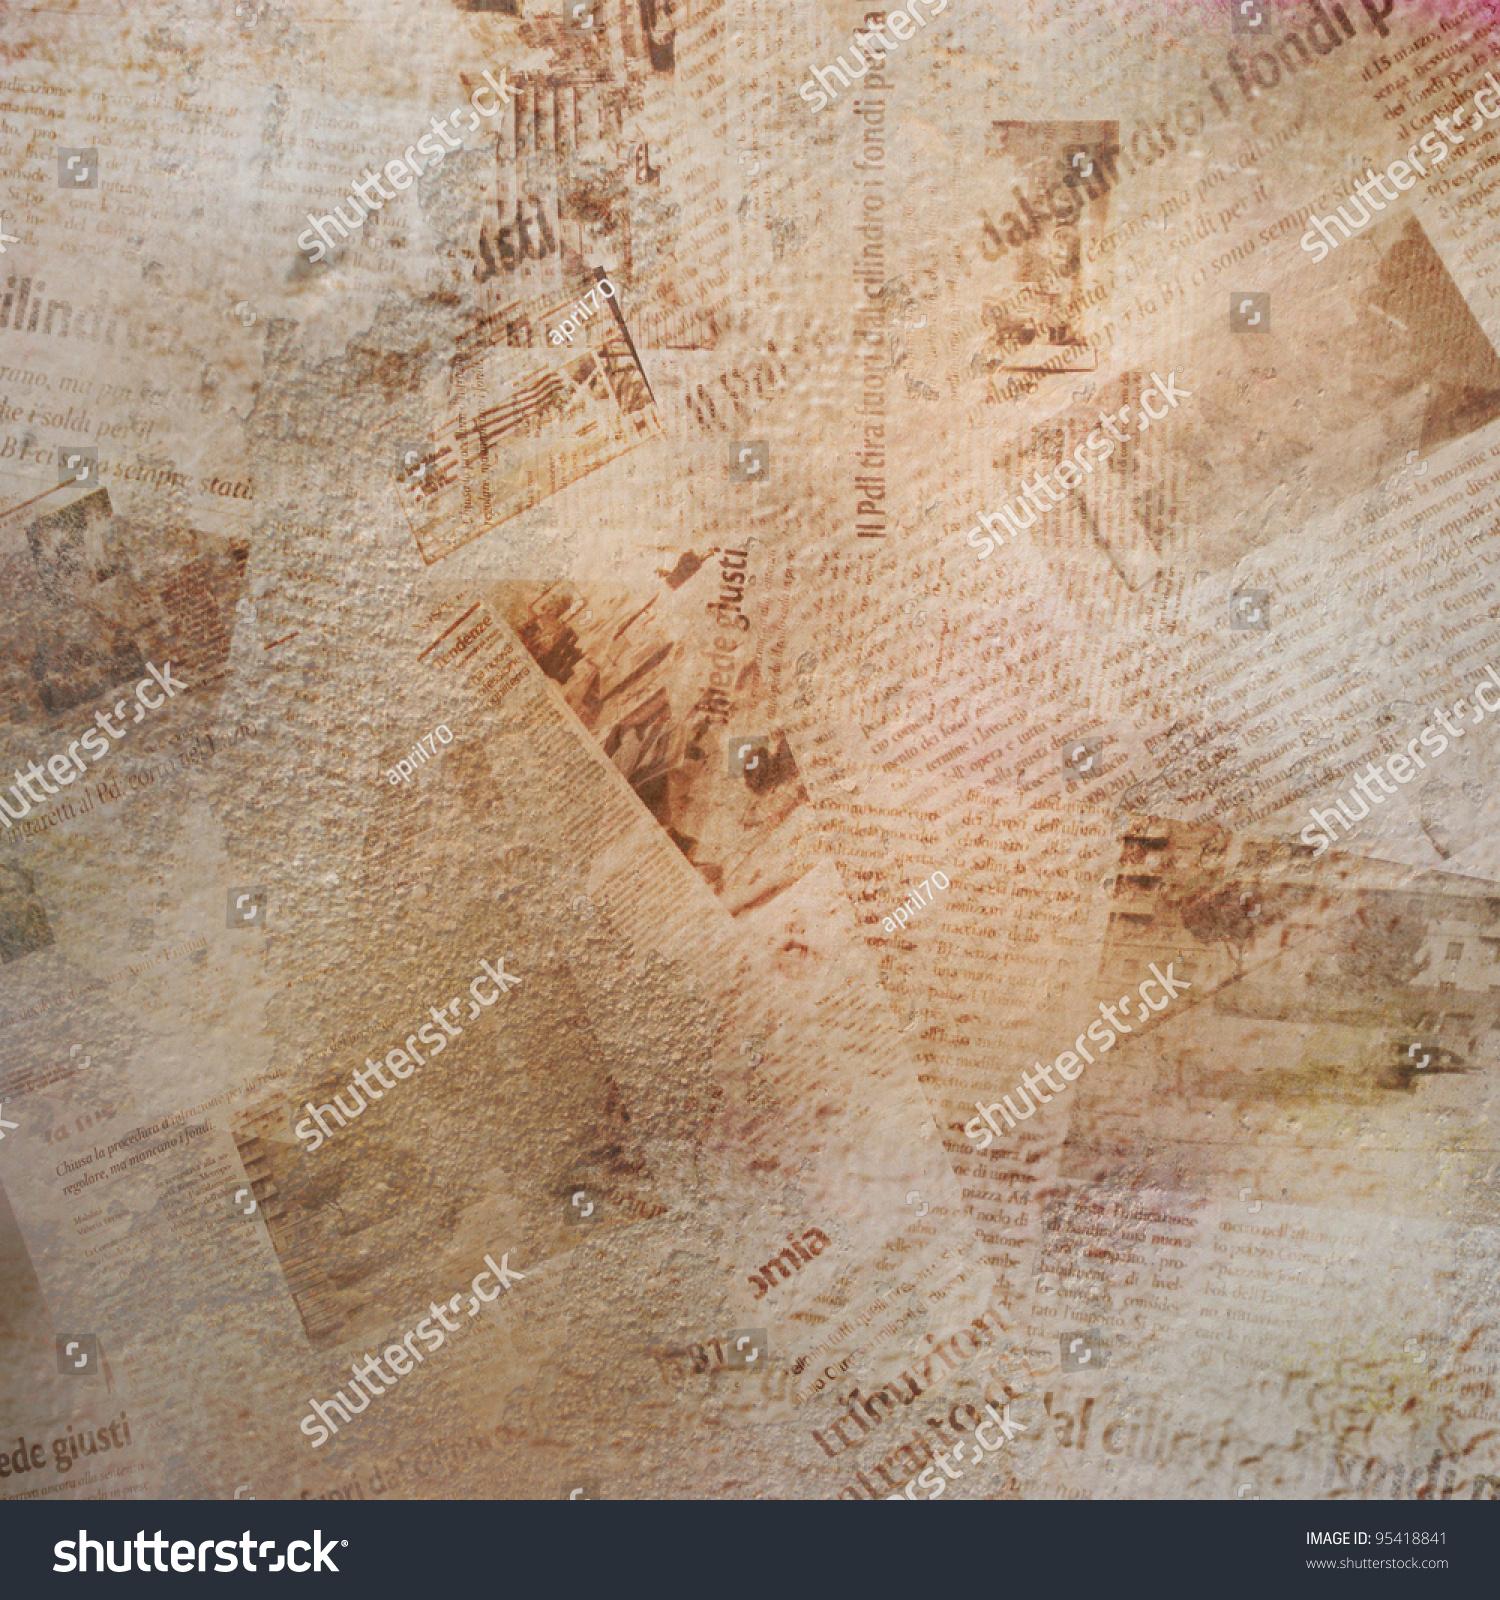 枯燥乏味的背景,旧报纸-背景/素材,复古风格-海洛创意